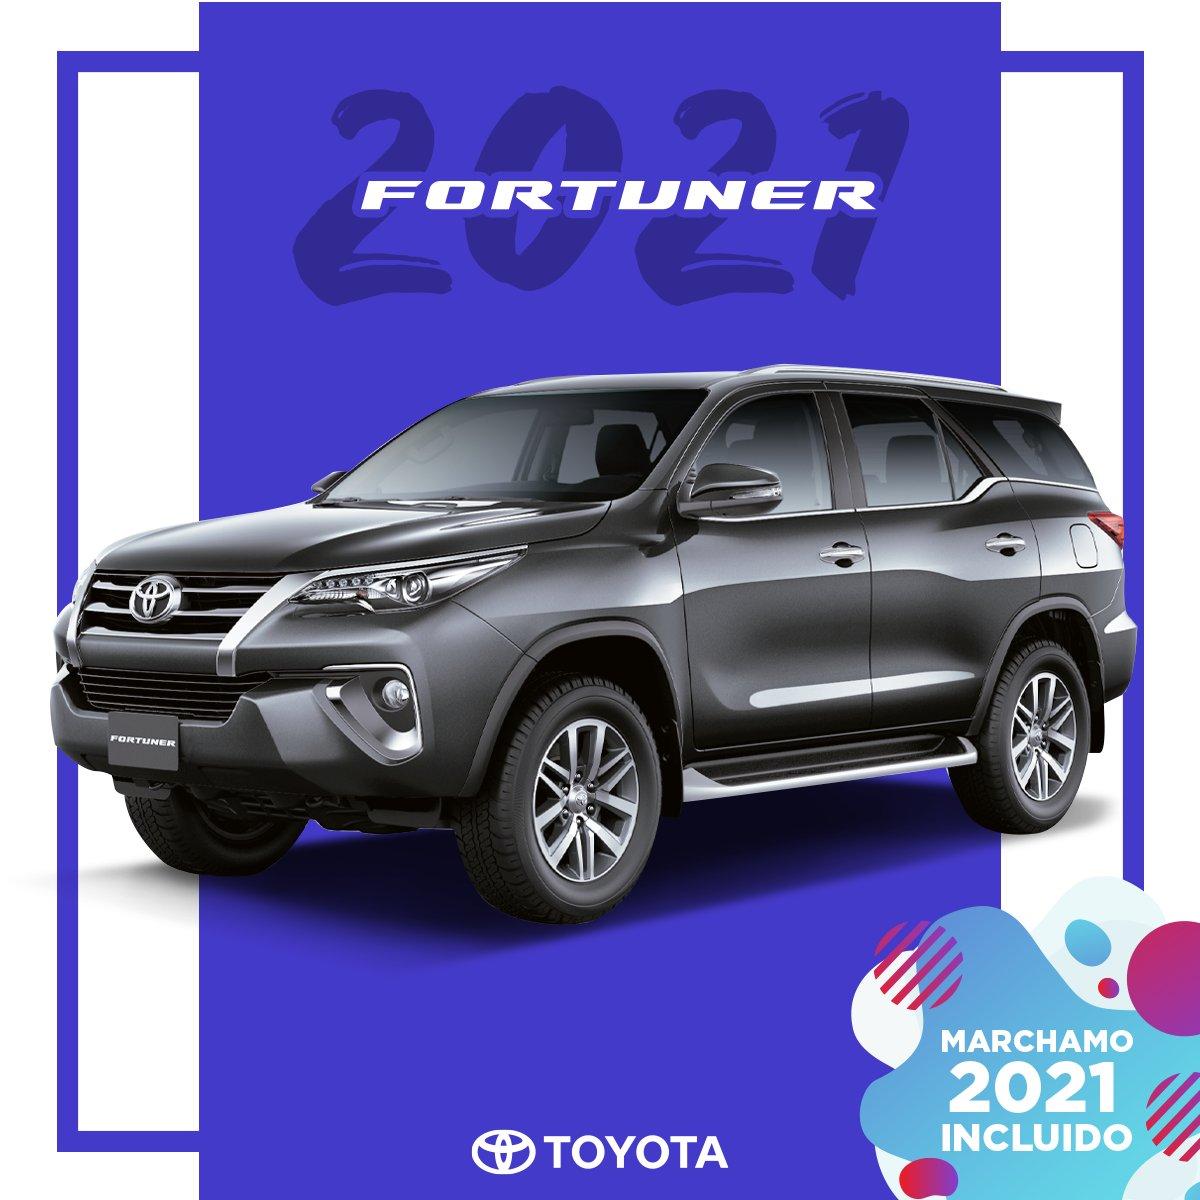 Llevate tu Fortuner 2021 con marchamo incluido y disfrutá de un verdadero 4x4 Toyota.  Contactá un asesor por medio de nuestro Whatsapp: 8589-1000 o https://t.co/wEoya9vnSE   #Toyota #Fortuner https://t.co/L2q0Eoo9QA